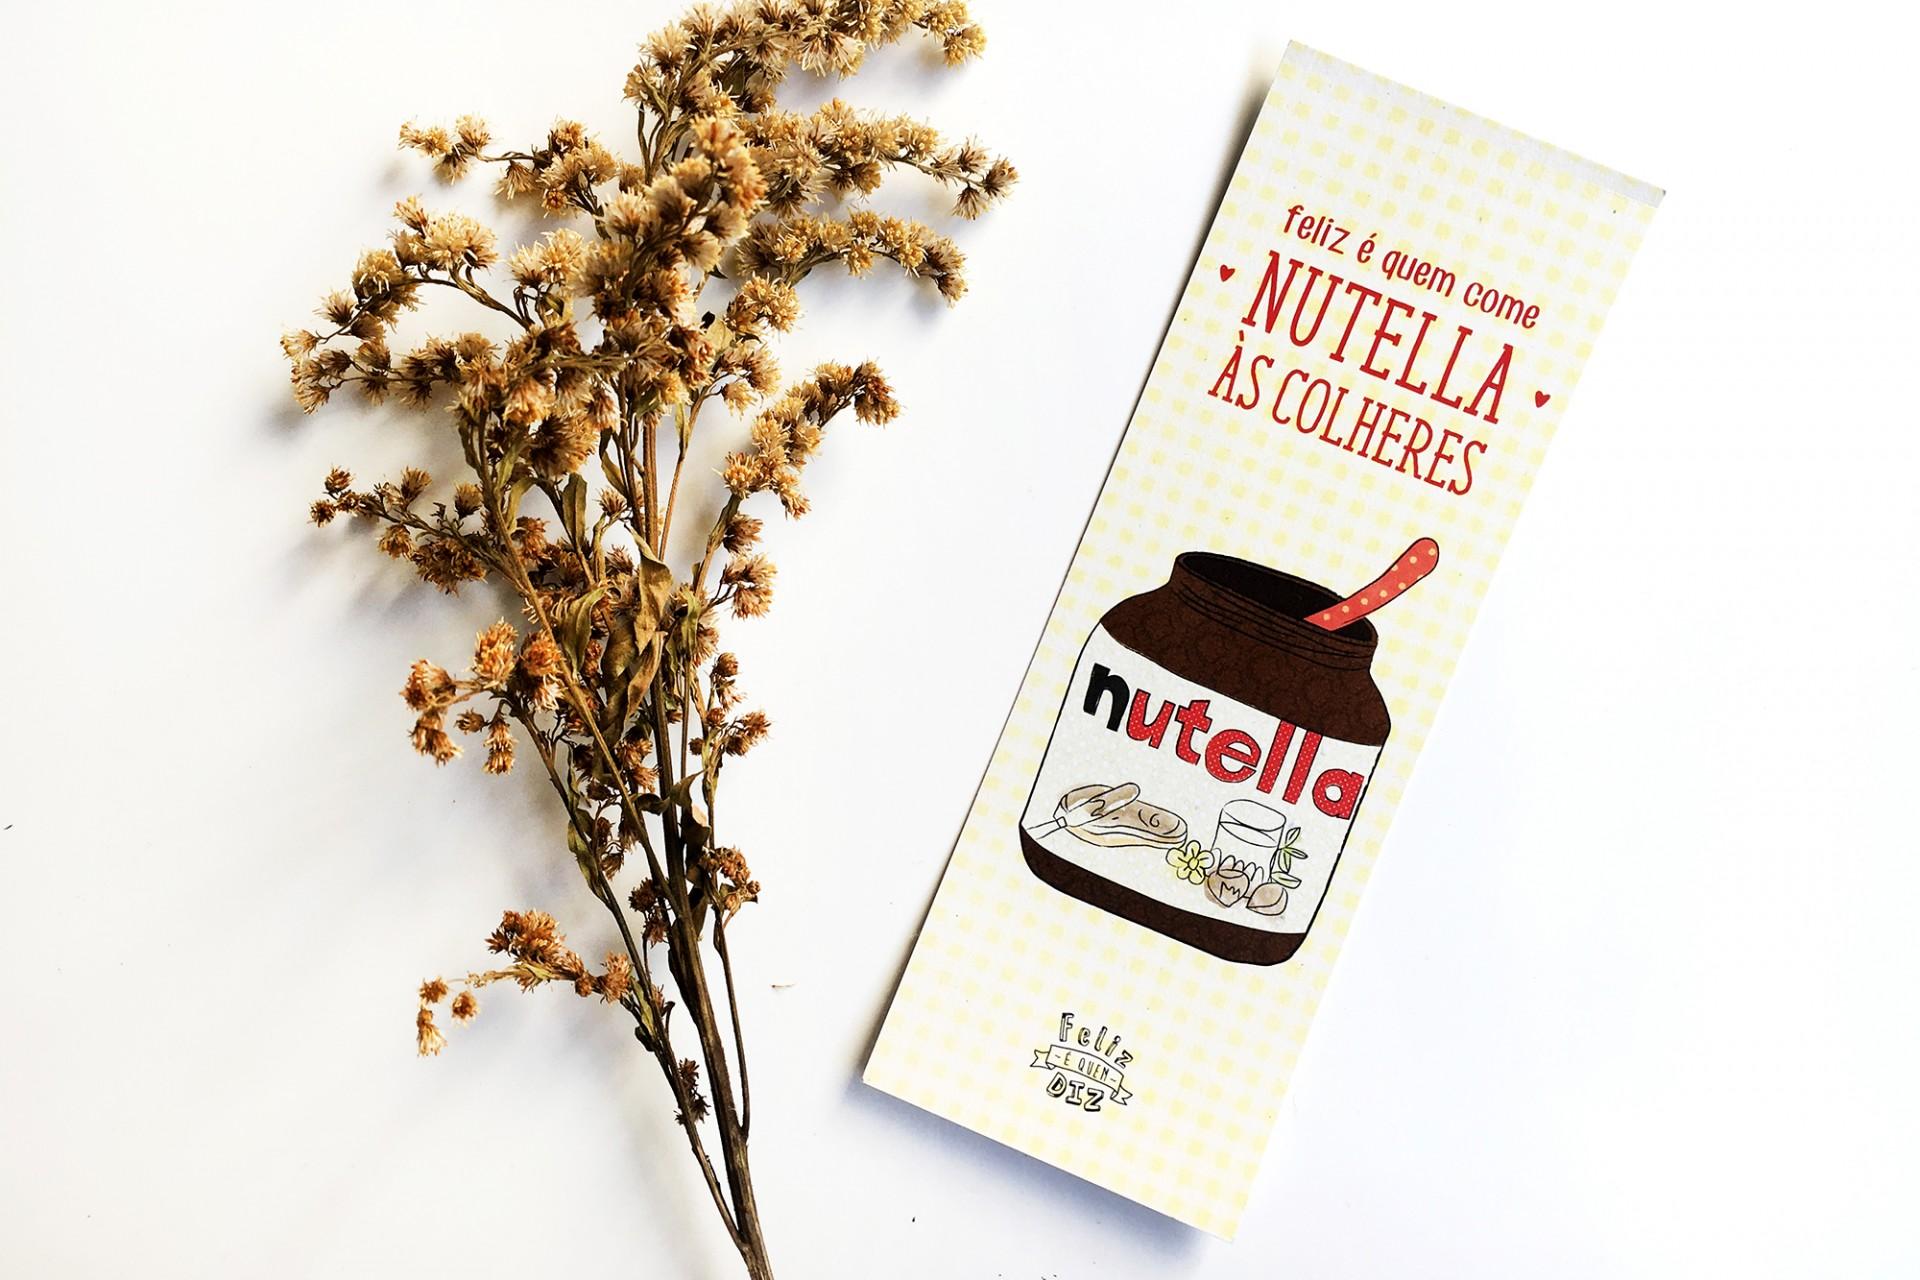 Marcador . Nutella